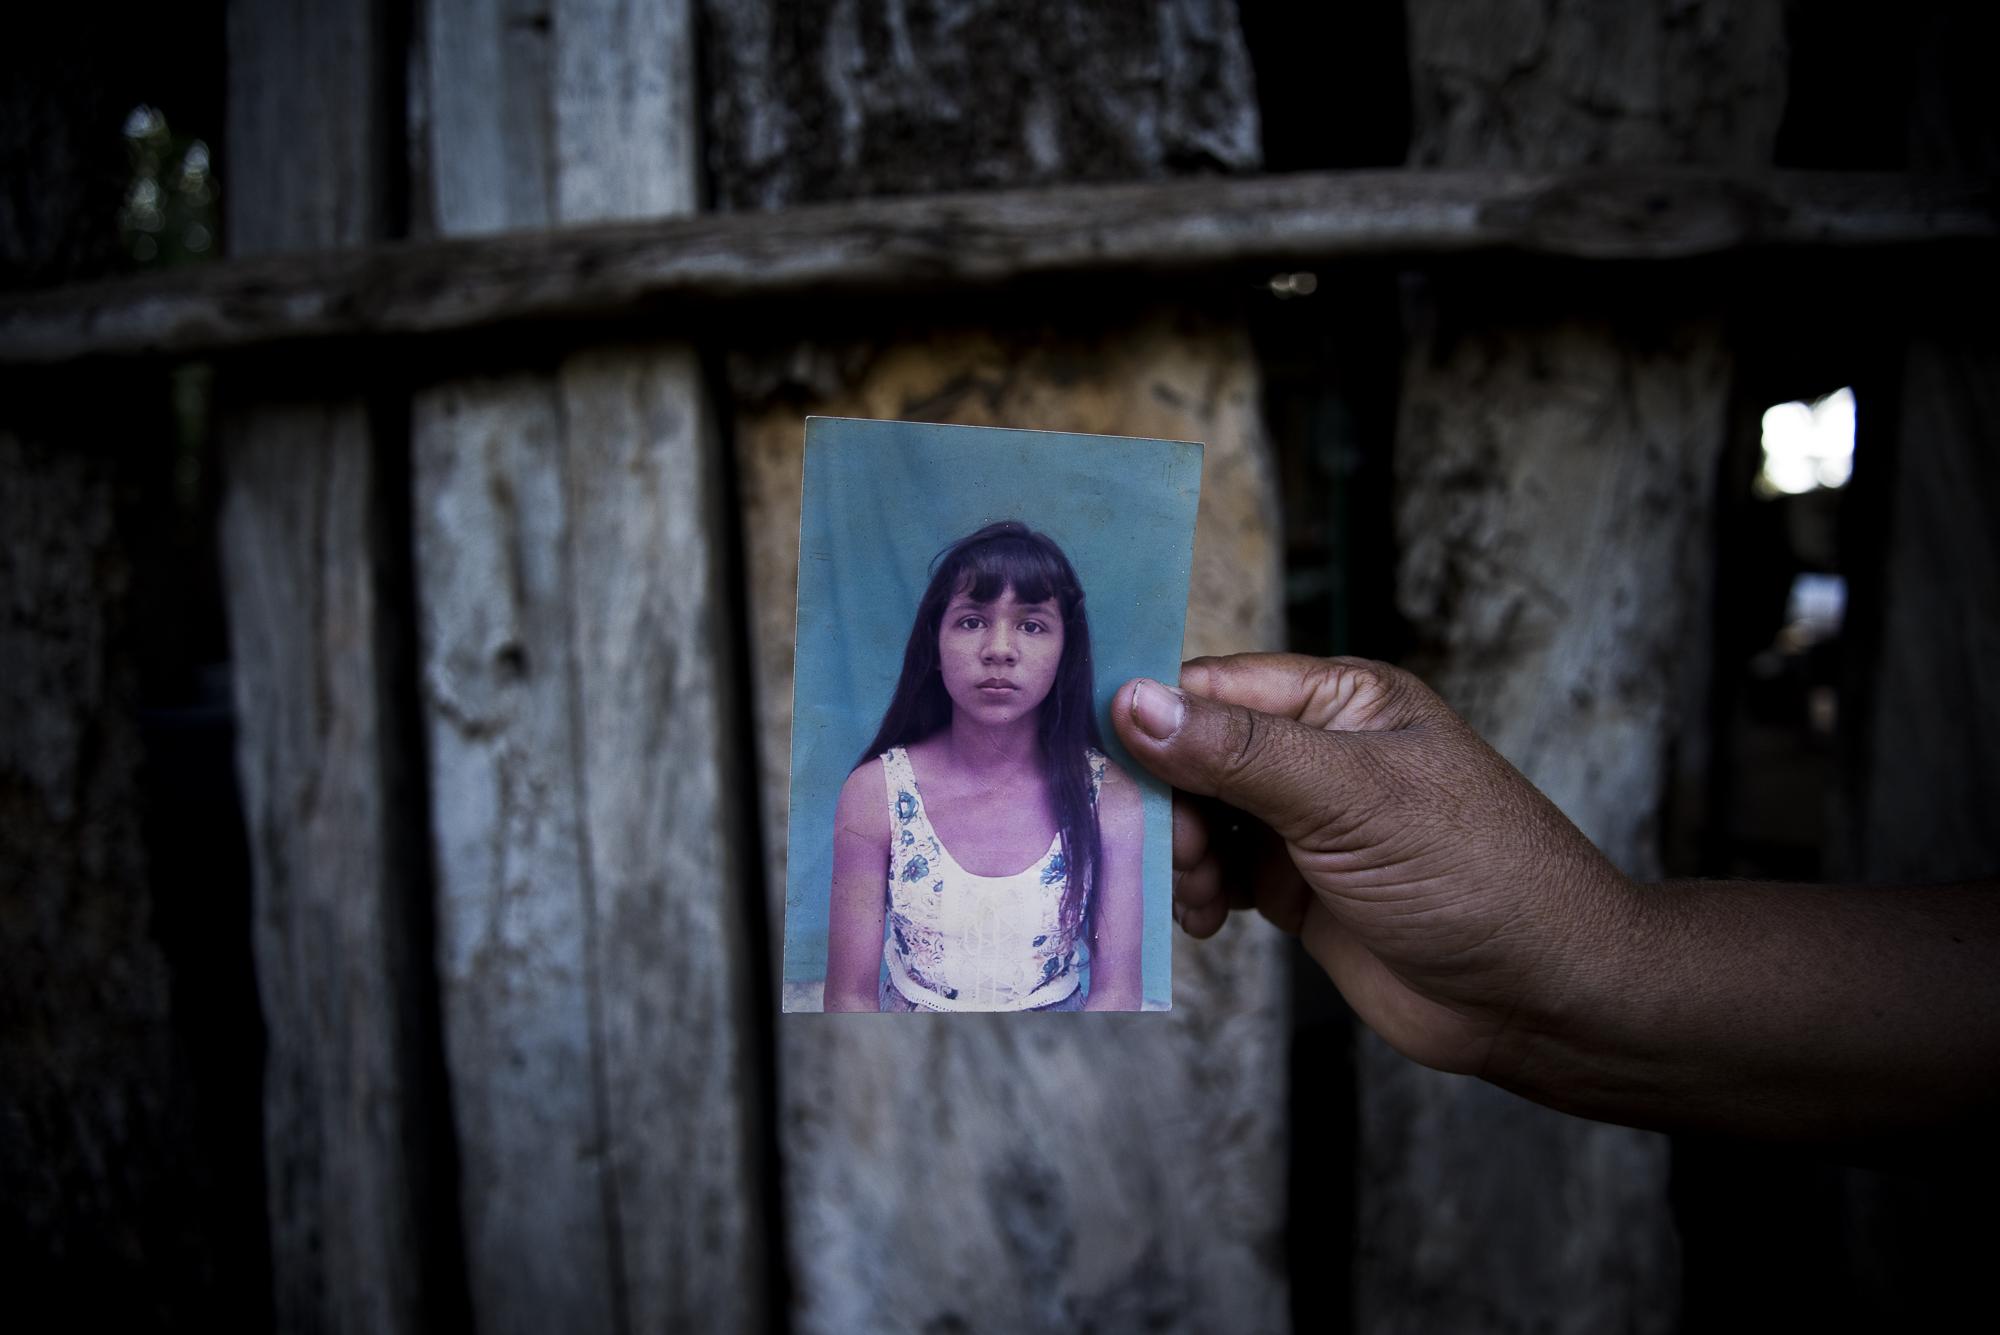 Catherine Perez de 43 años sostiene en su mano la fotografia de su hermana desaparecida, Iris Esther Perez quien antes de cumplir 15 años fue reclutada por la guerrilla el 12 e mayo de 1996. Iris es una mas de los 3.000 niños reclutados en los ultimos 20 años en Colombia por las FARC-EP.